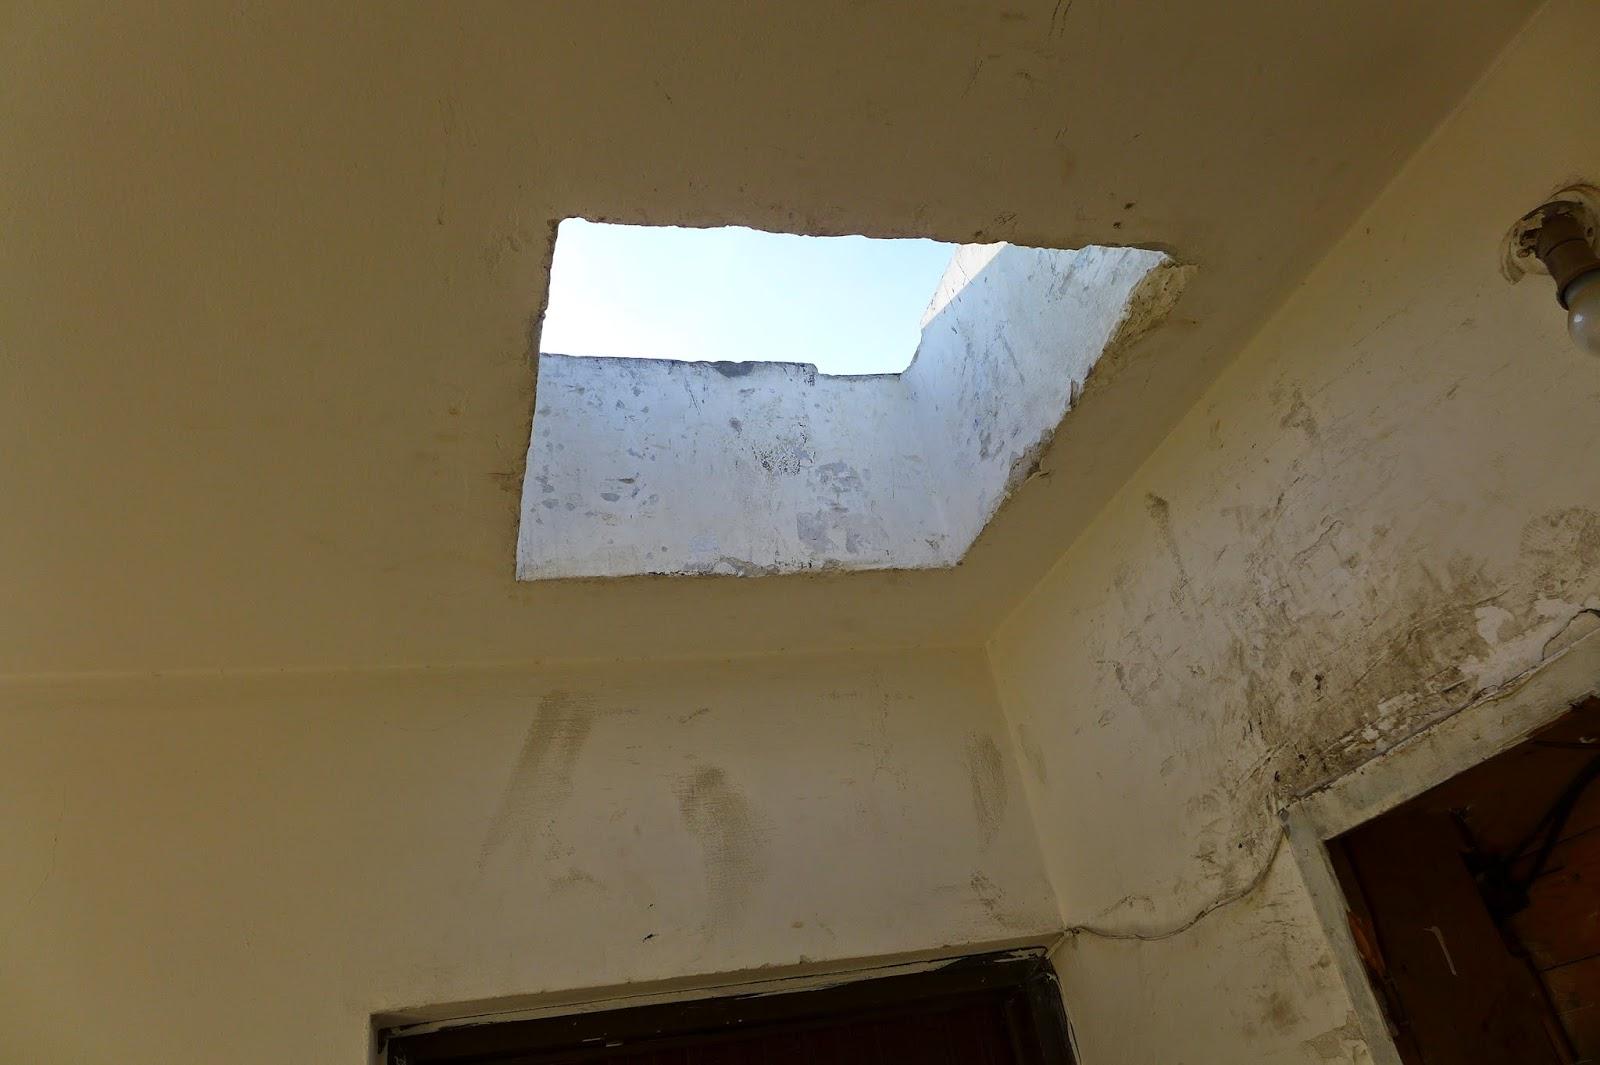 בלשי משטרת ישראל מרחב דן שברו מכסה כניסה לגג במהלך טיפוס לגג הבניין והשאירו הפתח פרוץ